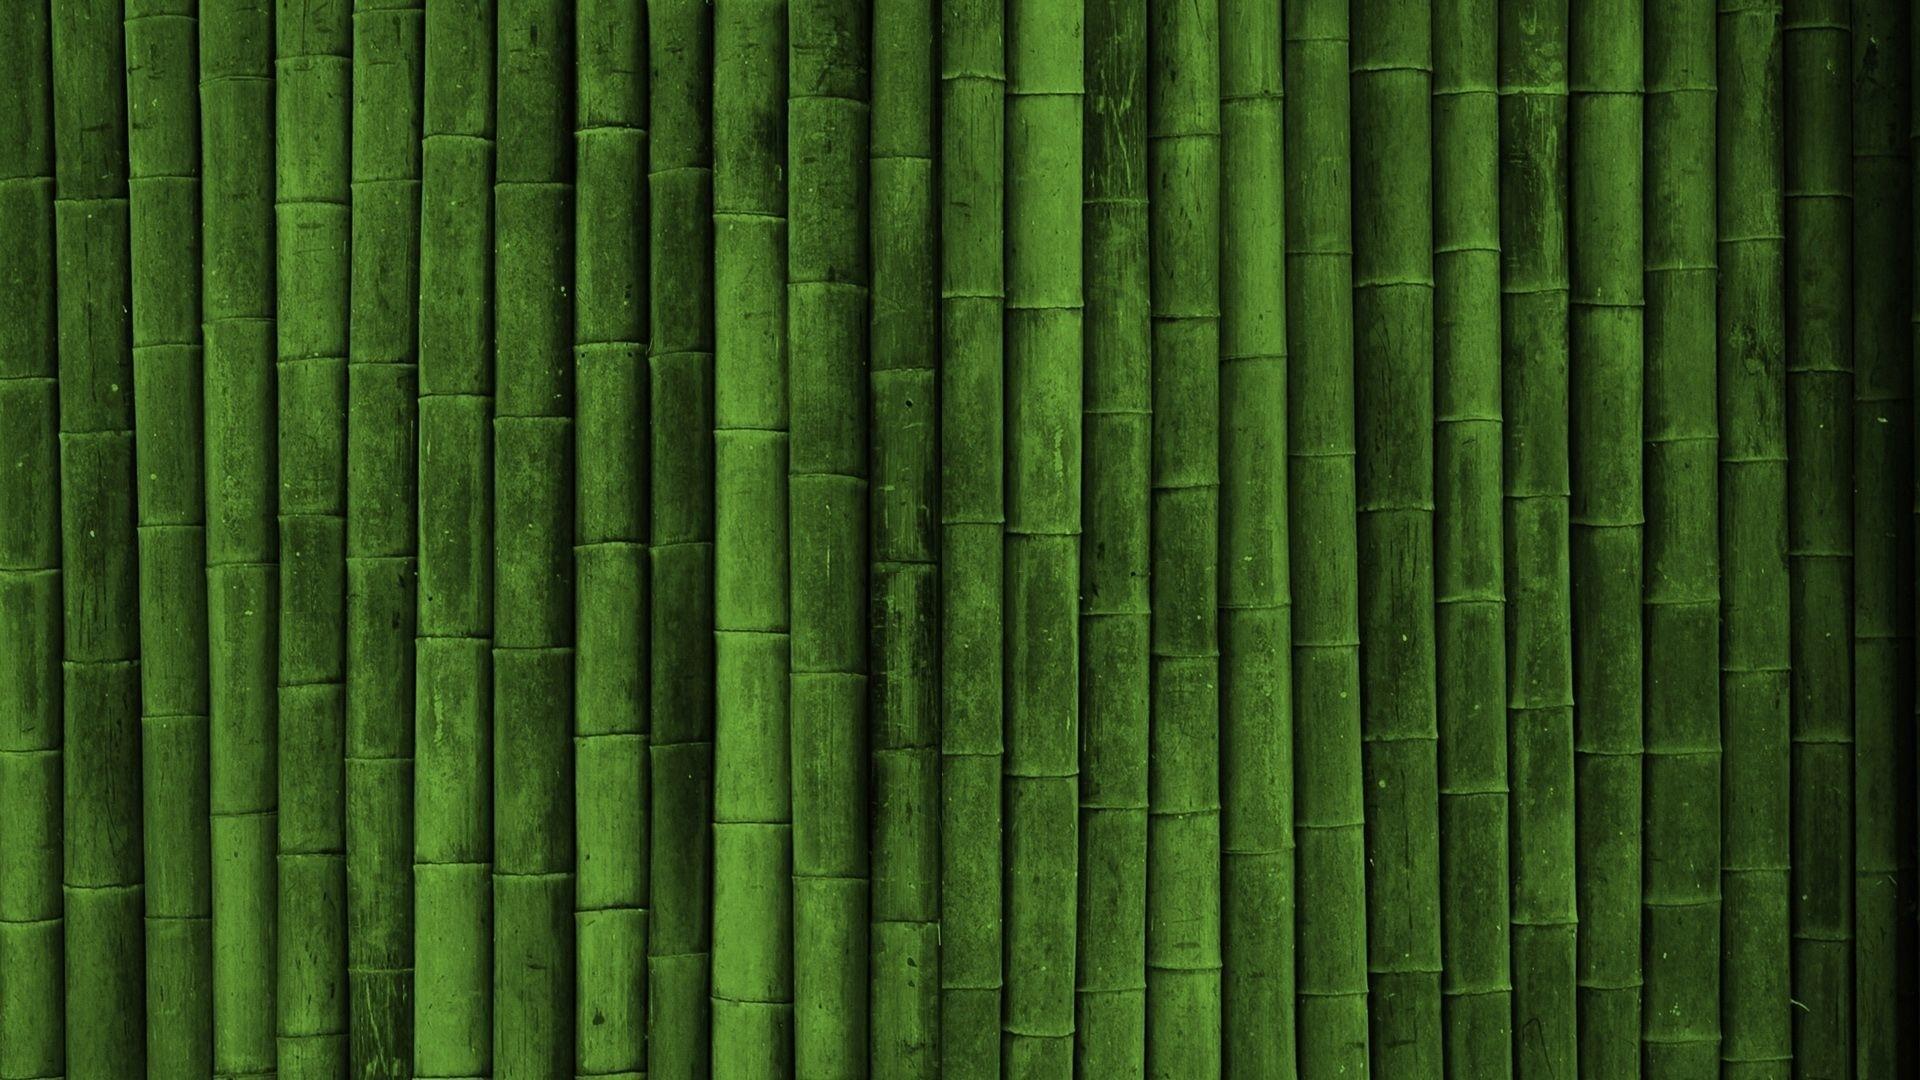 Bamboo hd desktop wallpaper